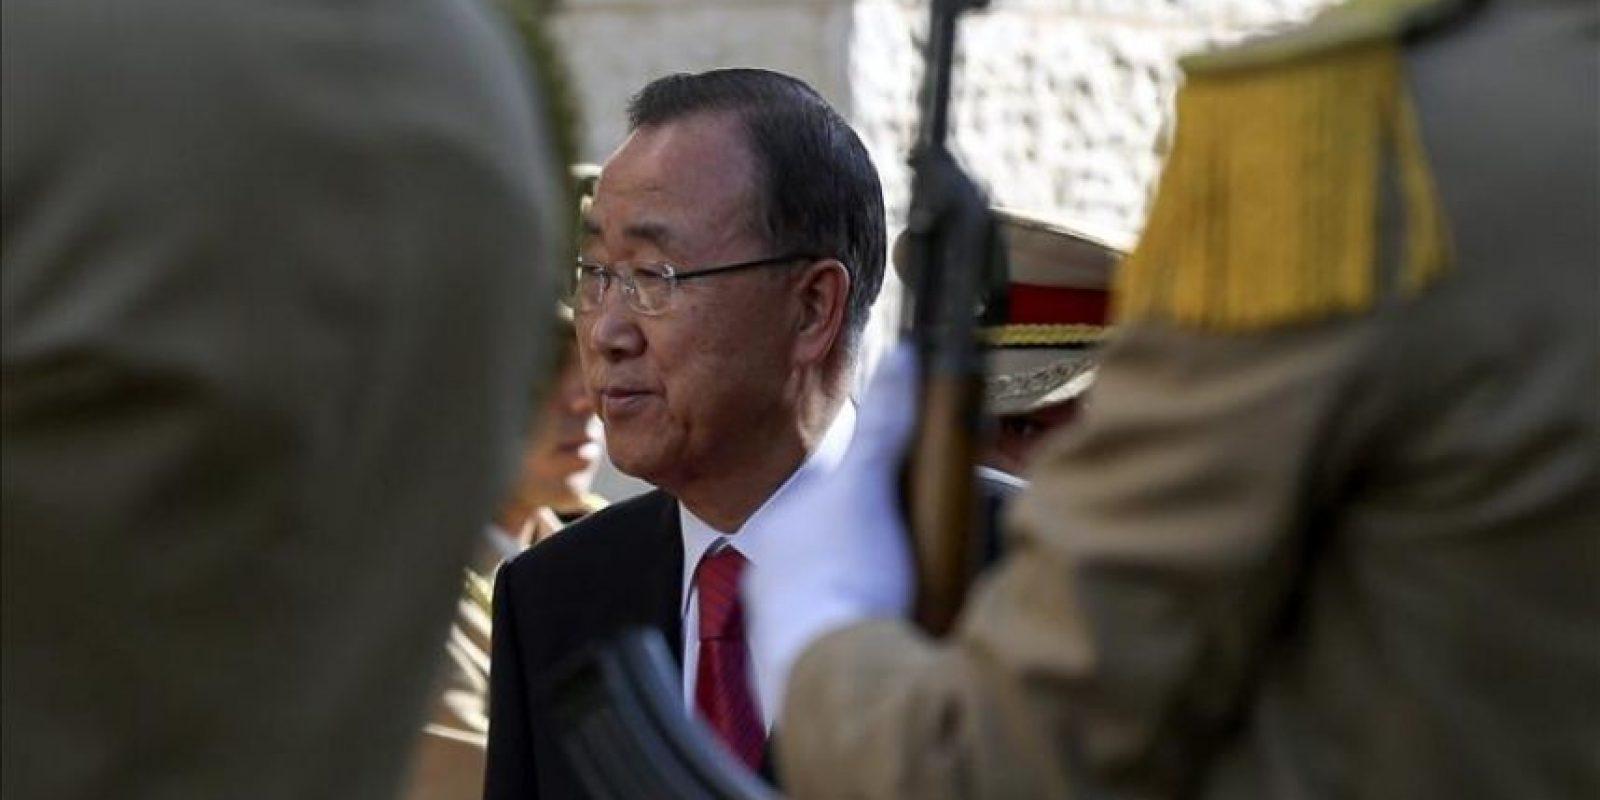 El secretario general de la ONU, Ban Ki-moon (c), pasa revista a la guardia de honor durante la ceremonia de bienvenida a su llegada a Ramala, Cisjordania (Palestina) este lunes. EFE